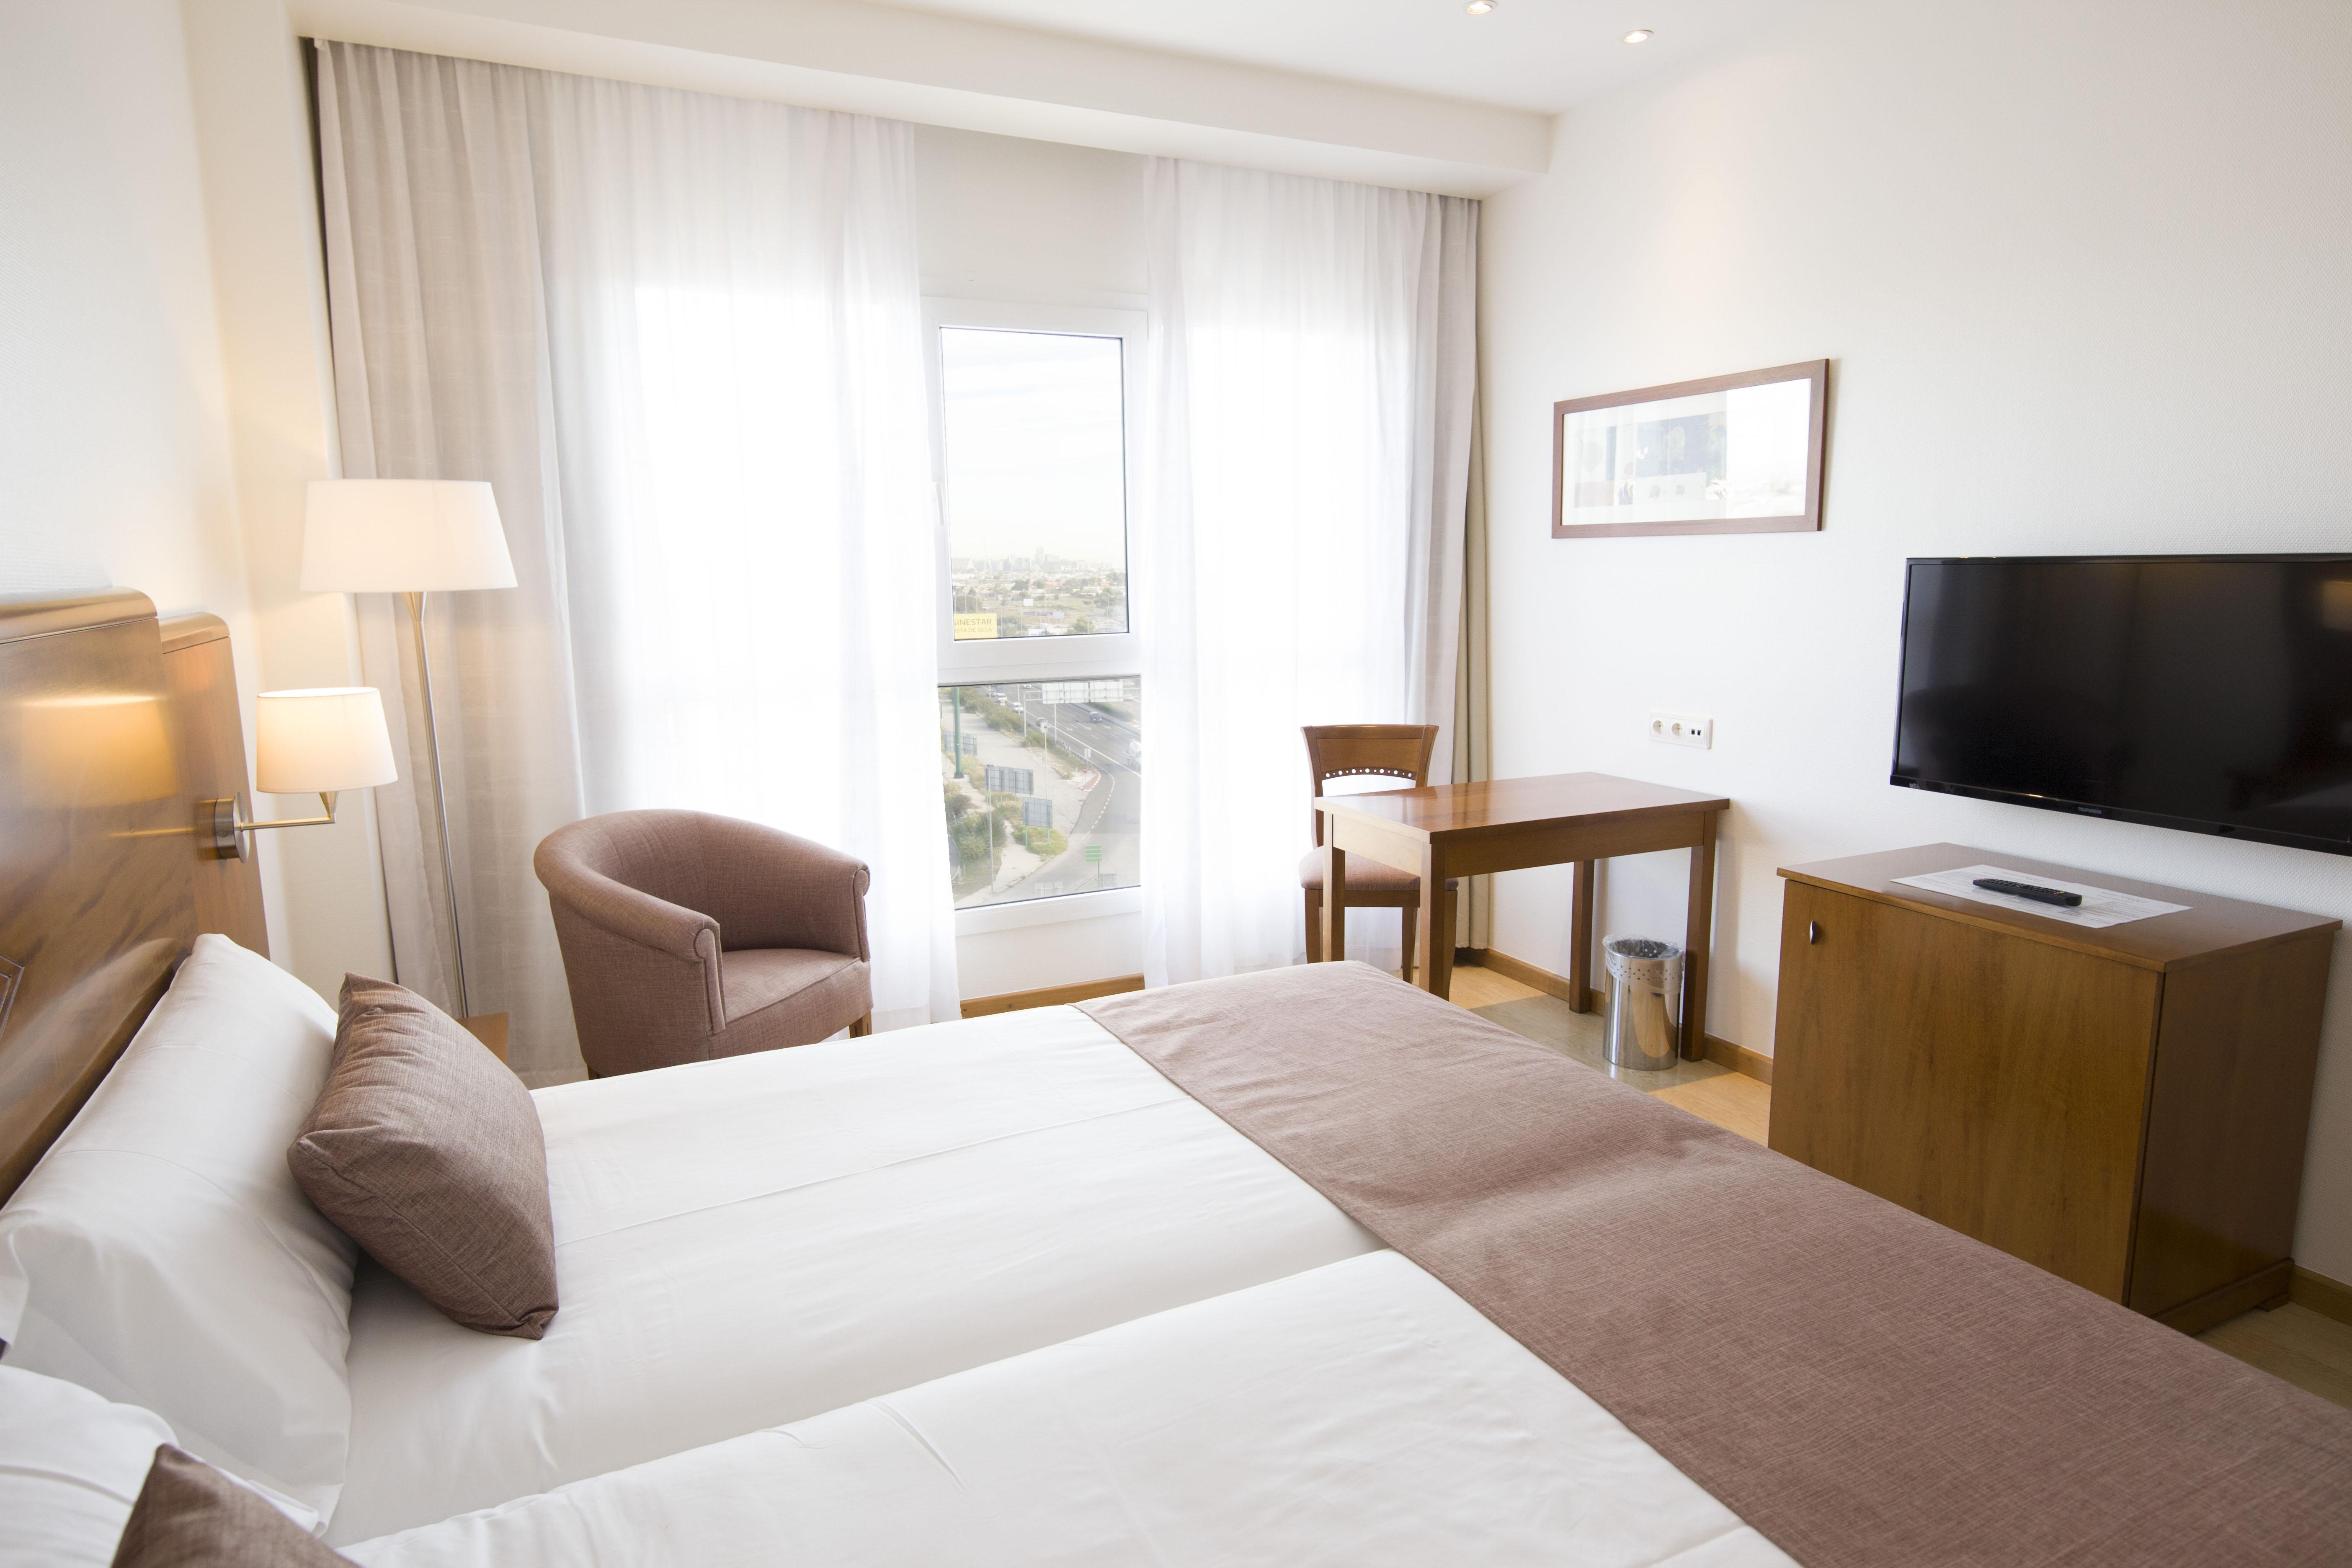 Hoteles con restaurante en alfafar viajes el corte ingl s for Hotel oceanografic ninos